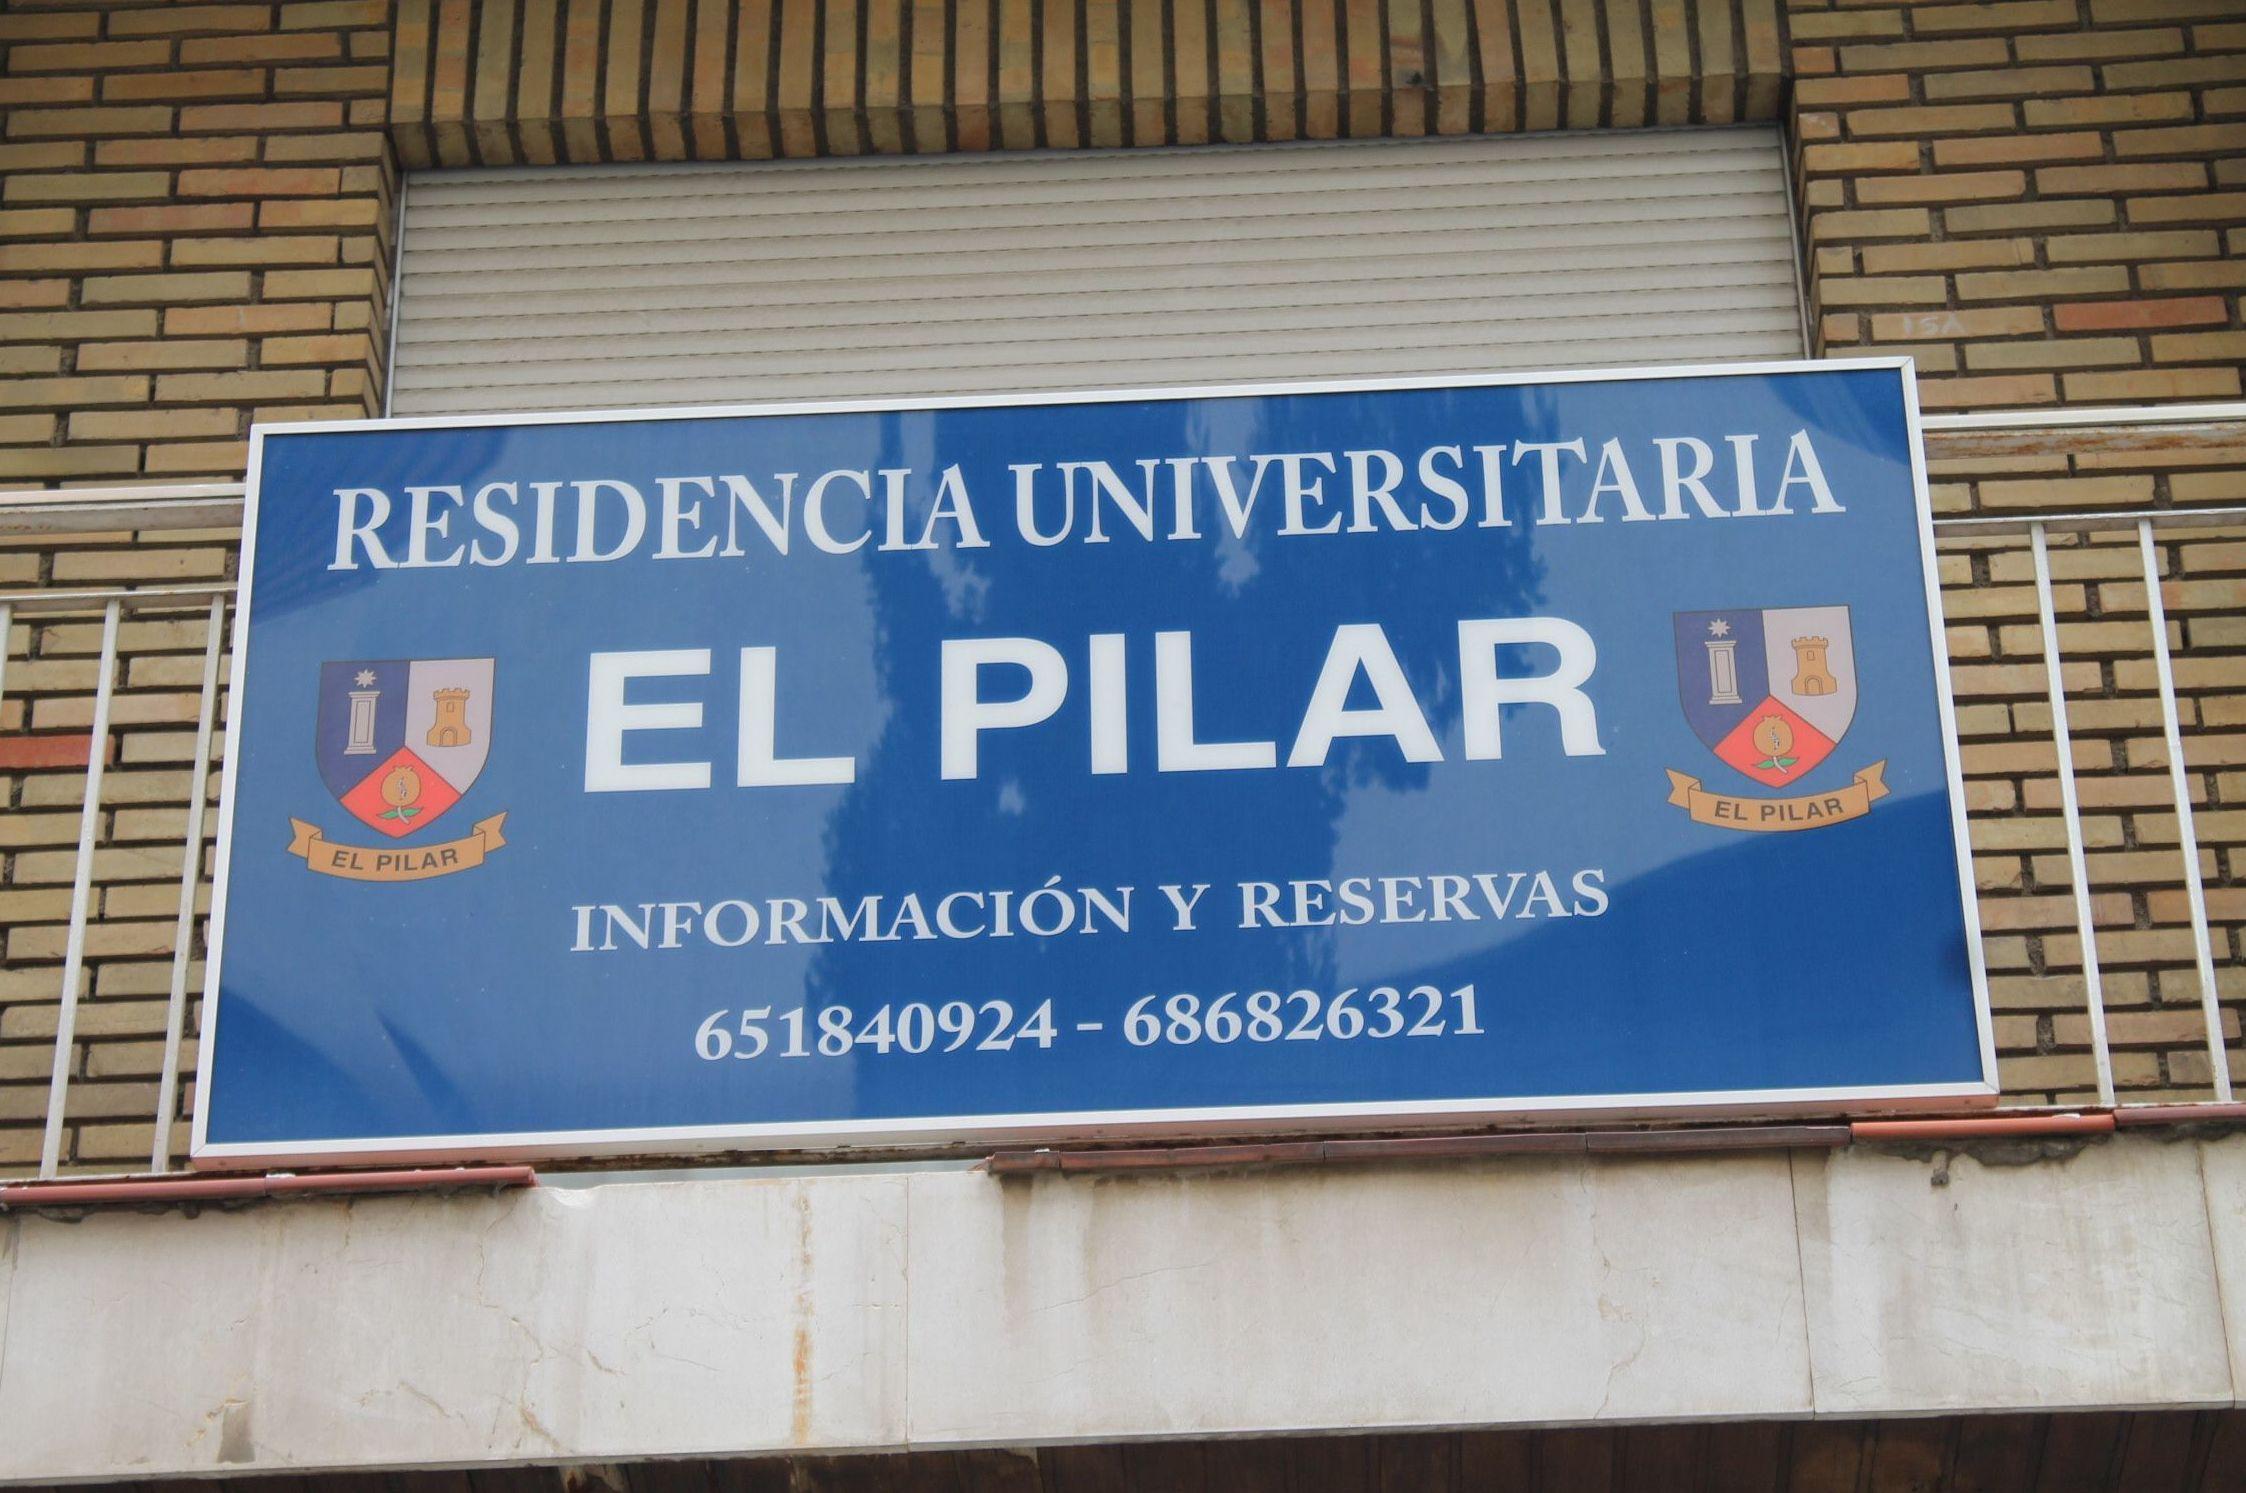 Residencia Universitarias en Granada | residencia Universitaria El Pilar